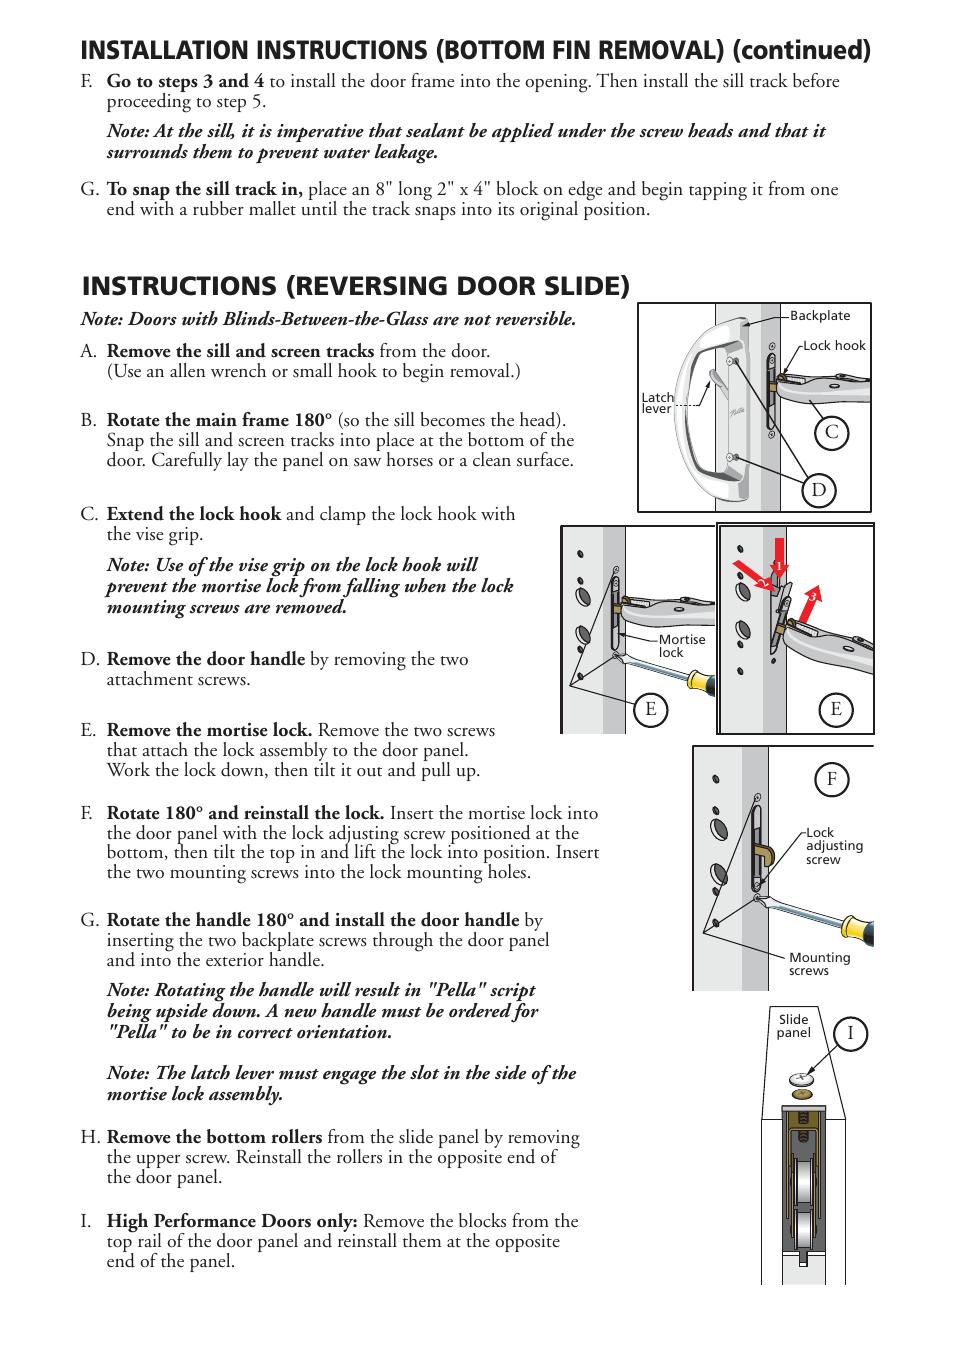 Instructions Reversing Door Slide Pella Sliding Patio Door